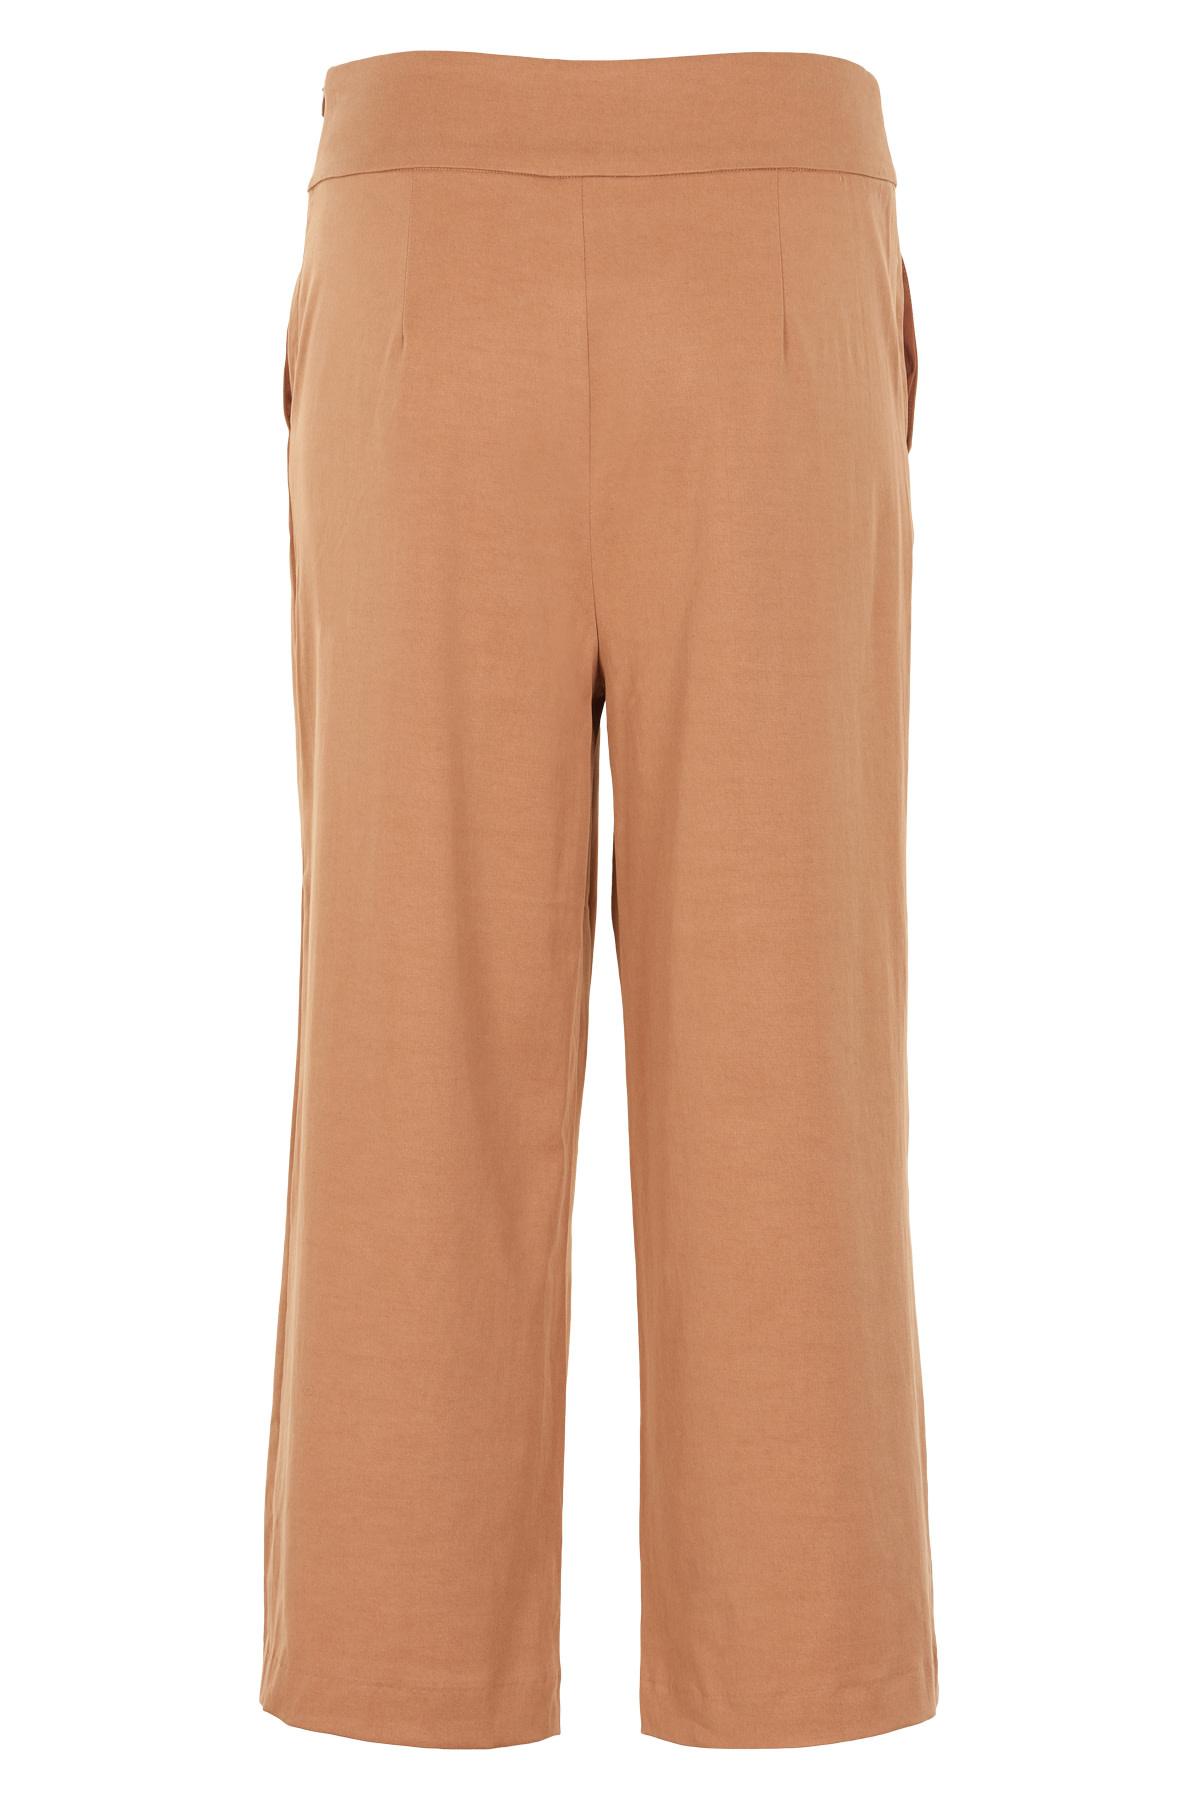 Nümph New Addah Pants